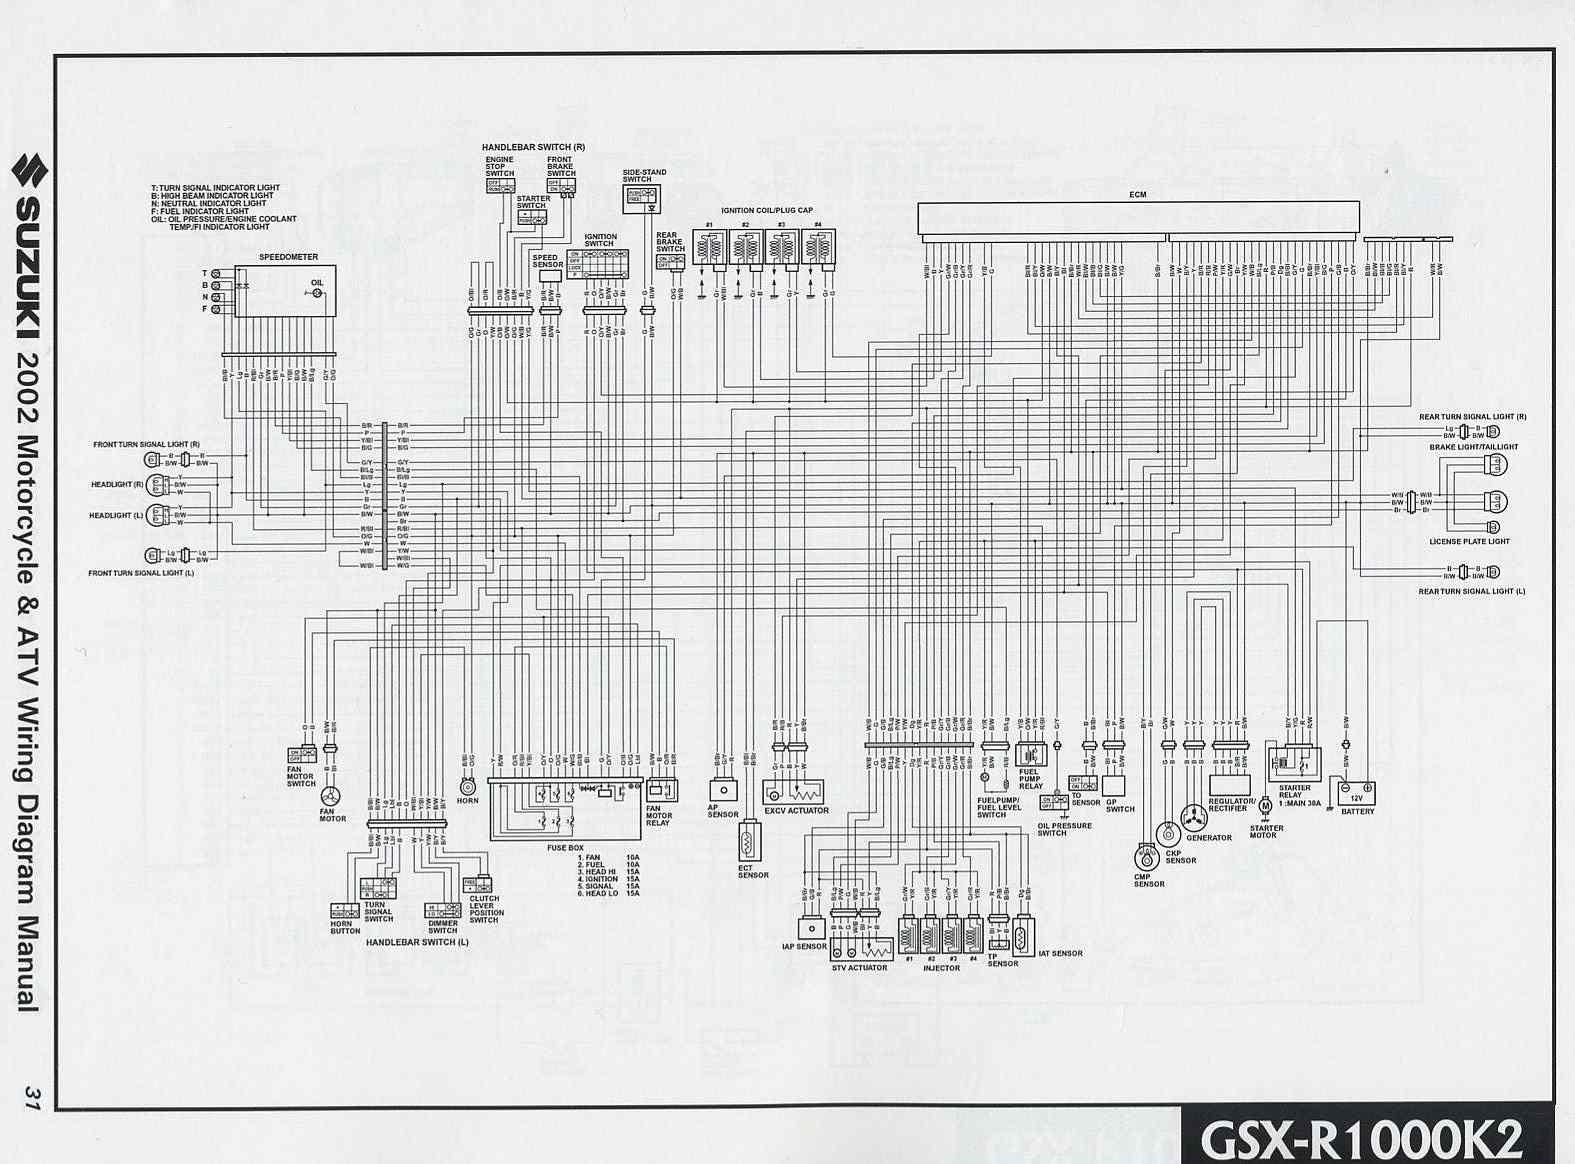 2001 gsxr 1000 wiring diagram